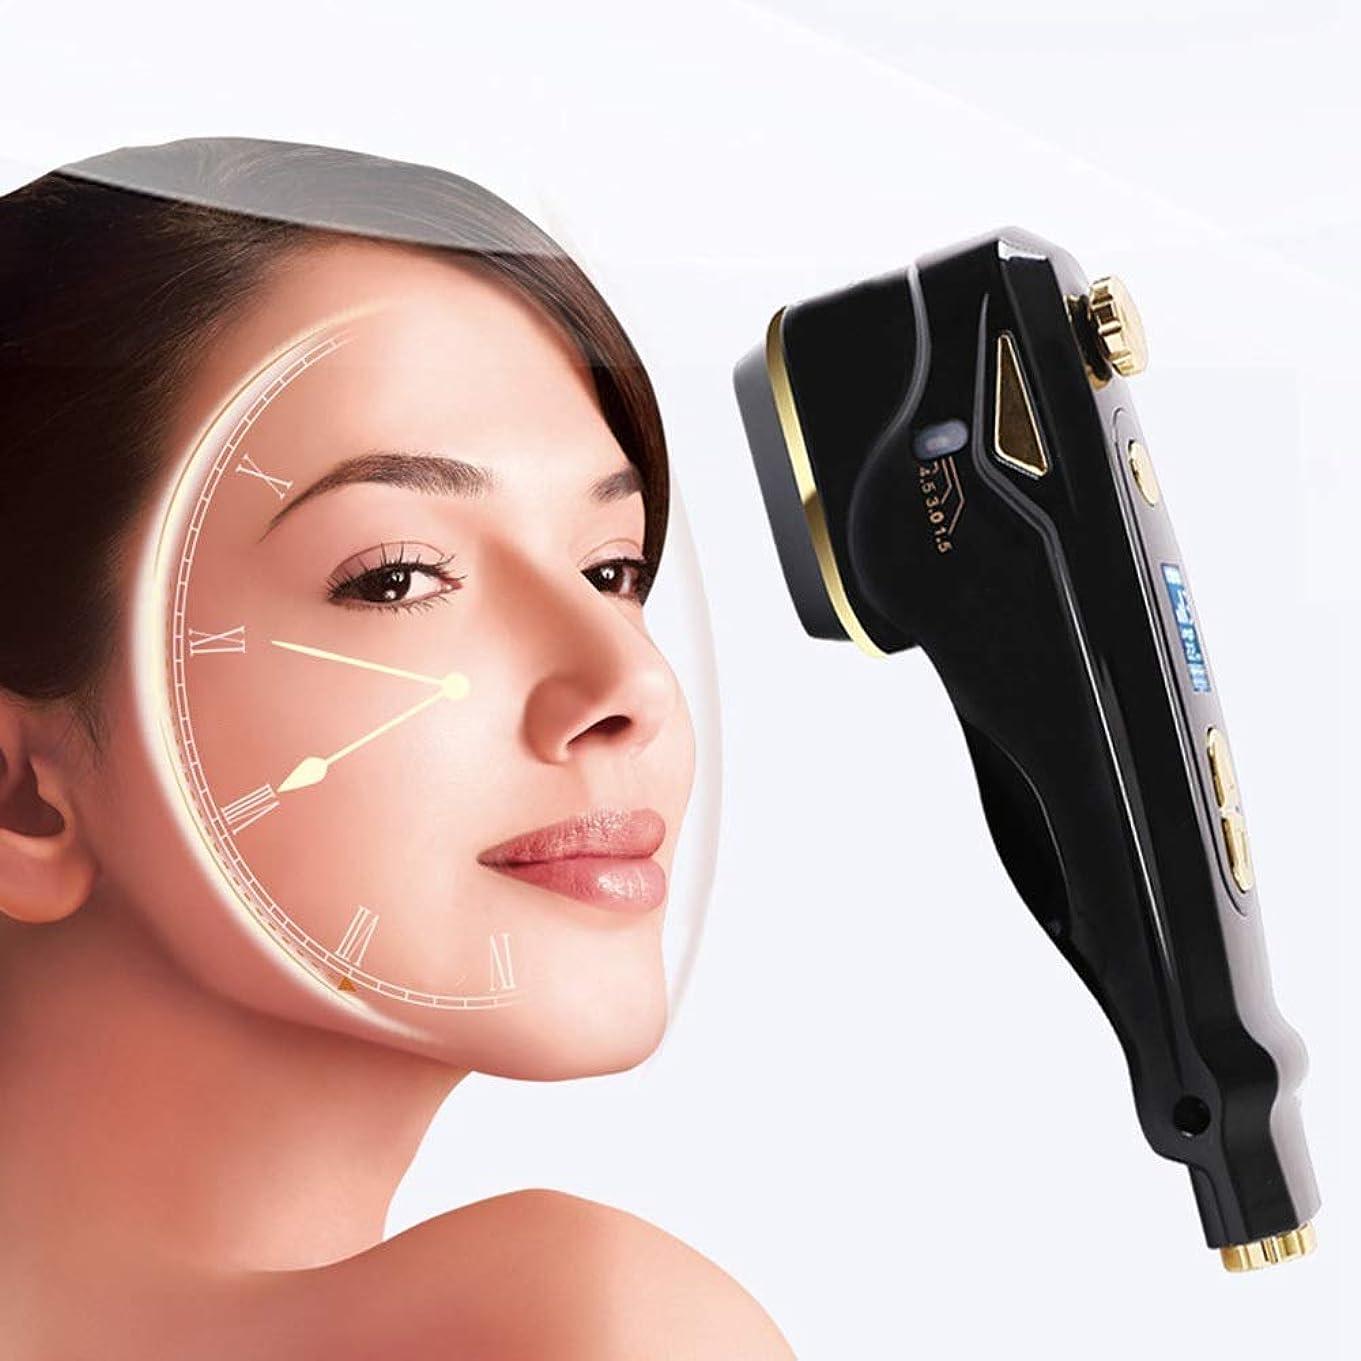 下る近代化チャーミングそばかすを明るくするために使用されるフェイシャル美容機器、フェイシャルマッサージャー、ホームビューティーサロン、肌を引き締め、ダークサークルとアイバッグを暗くする